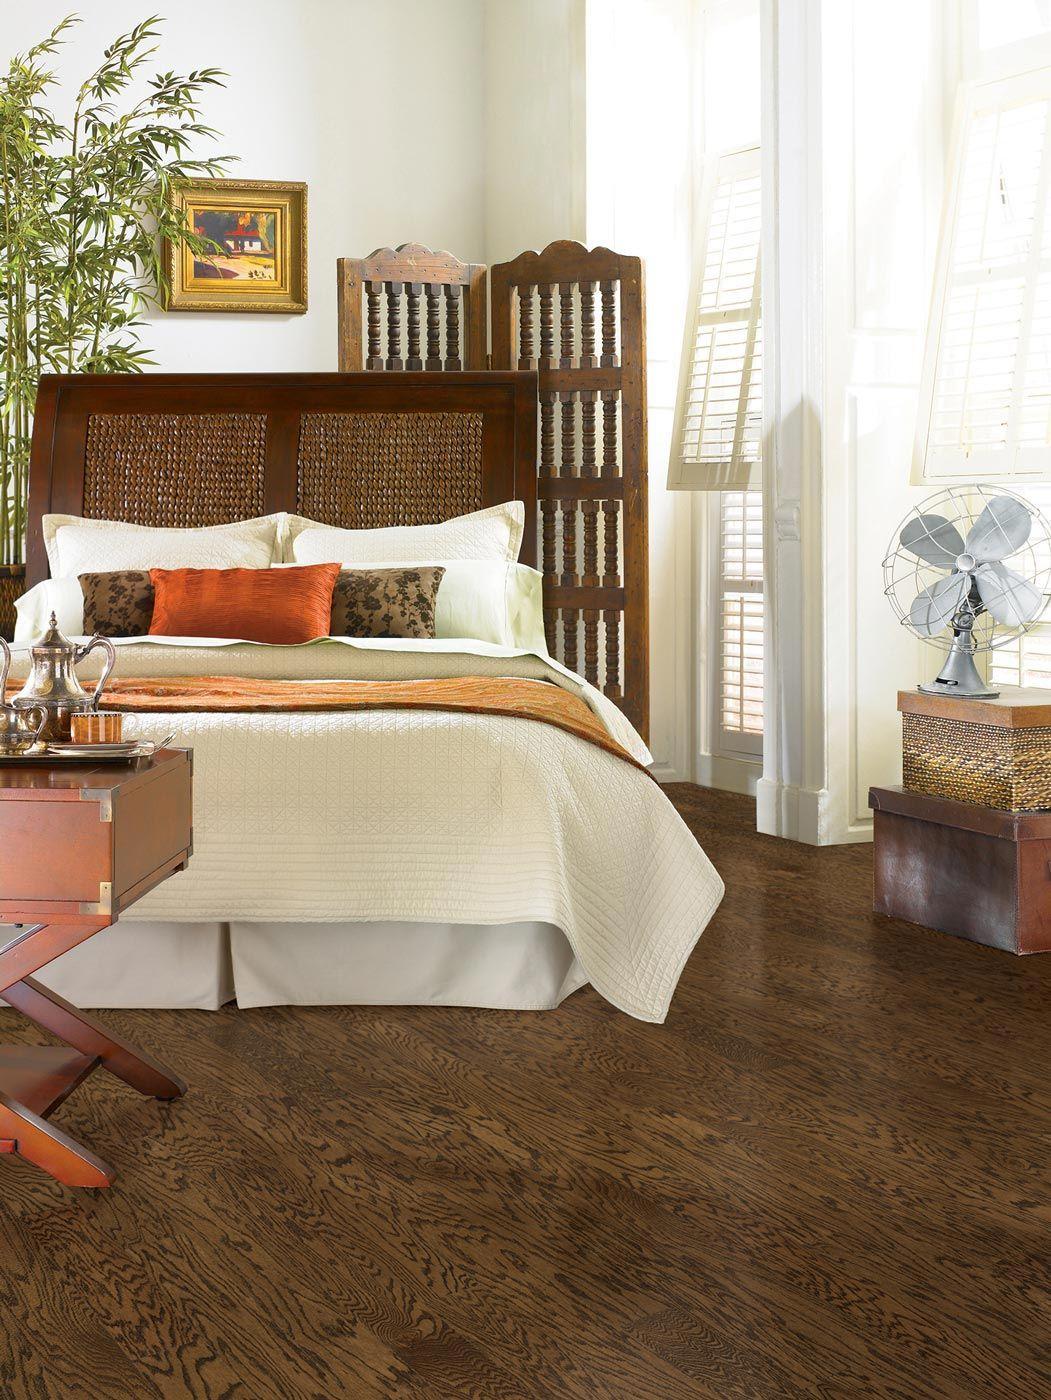 Homestead Red Oak Rye Bedroom Wood Floor Hickory Wood Floors Wood Floors Wide Plank